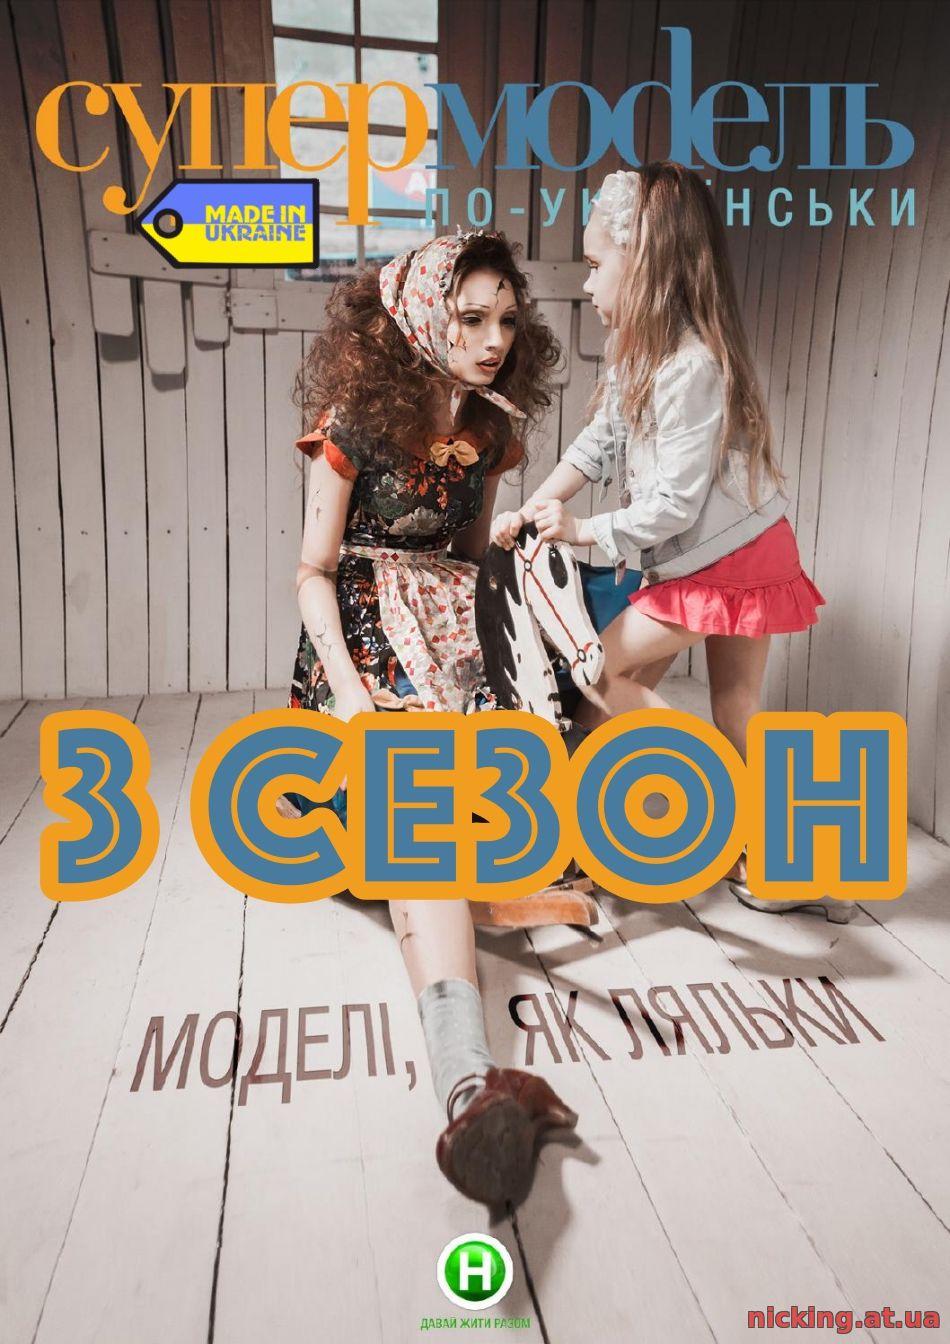 Супермодель по-украински 3 сезон 4 - 5 выпуск от 16.09 - 23.09.2016 года на Новом канале